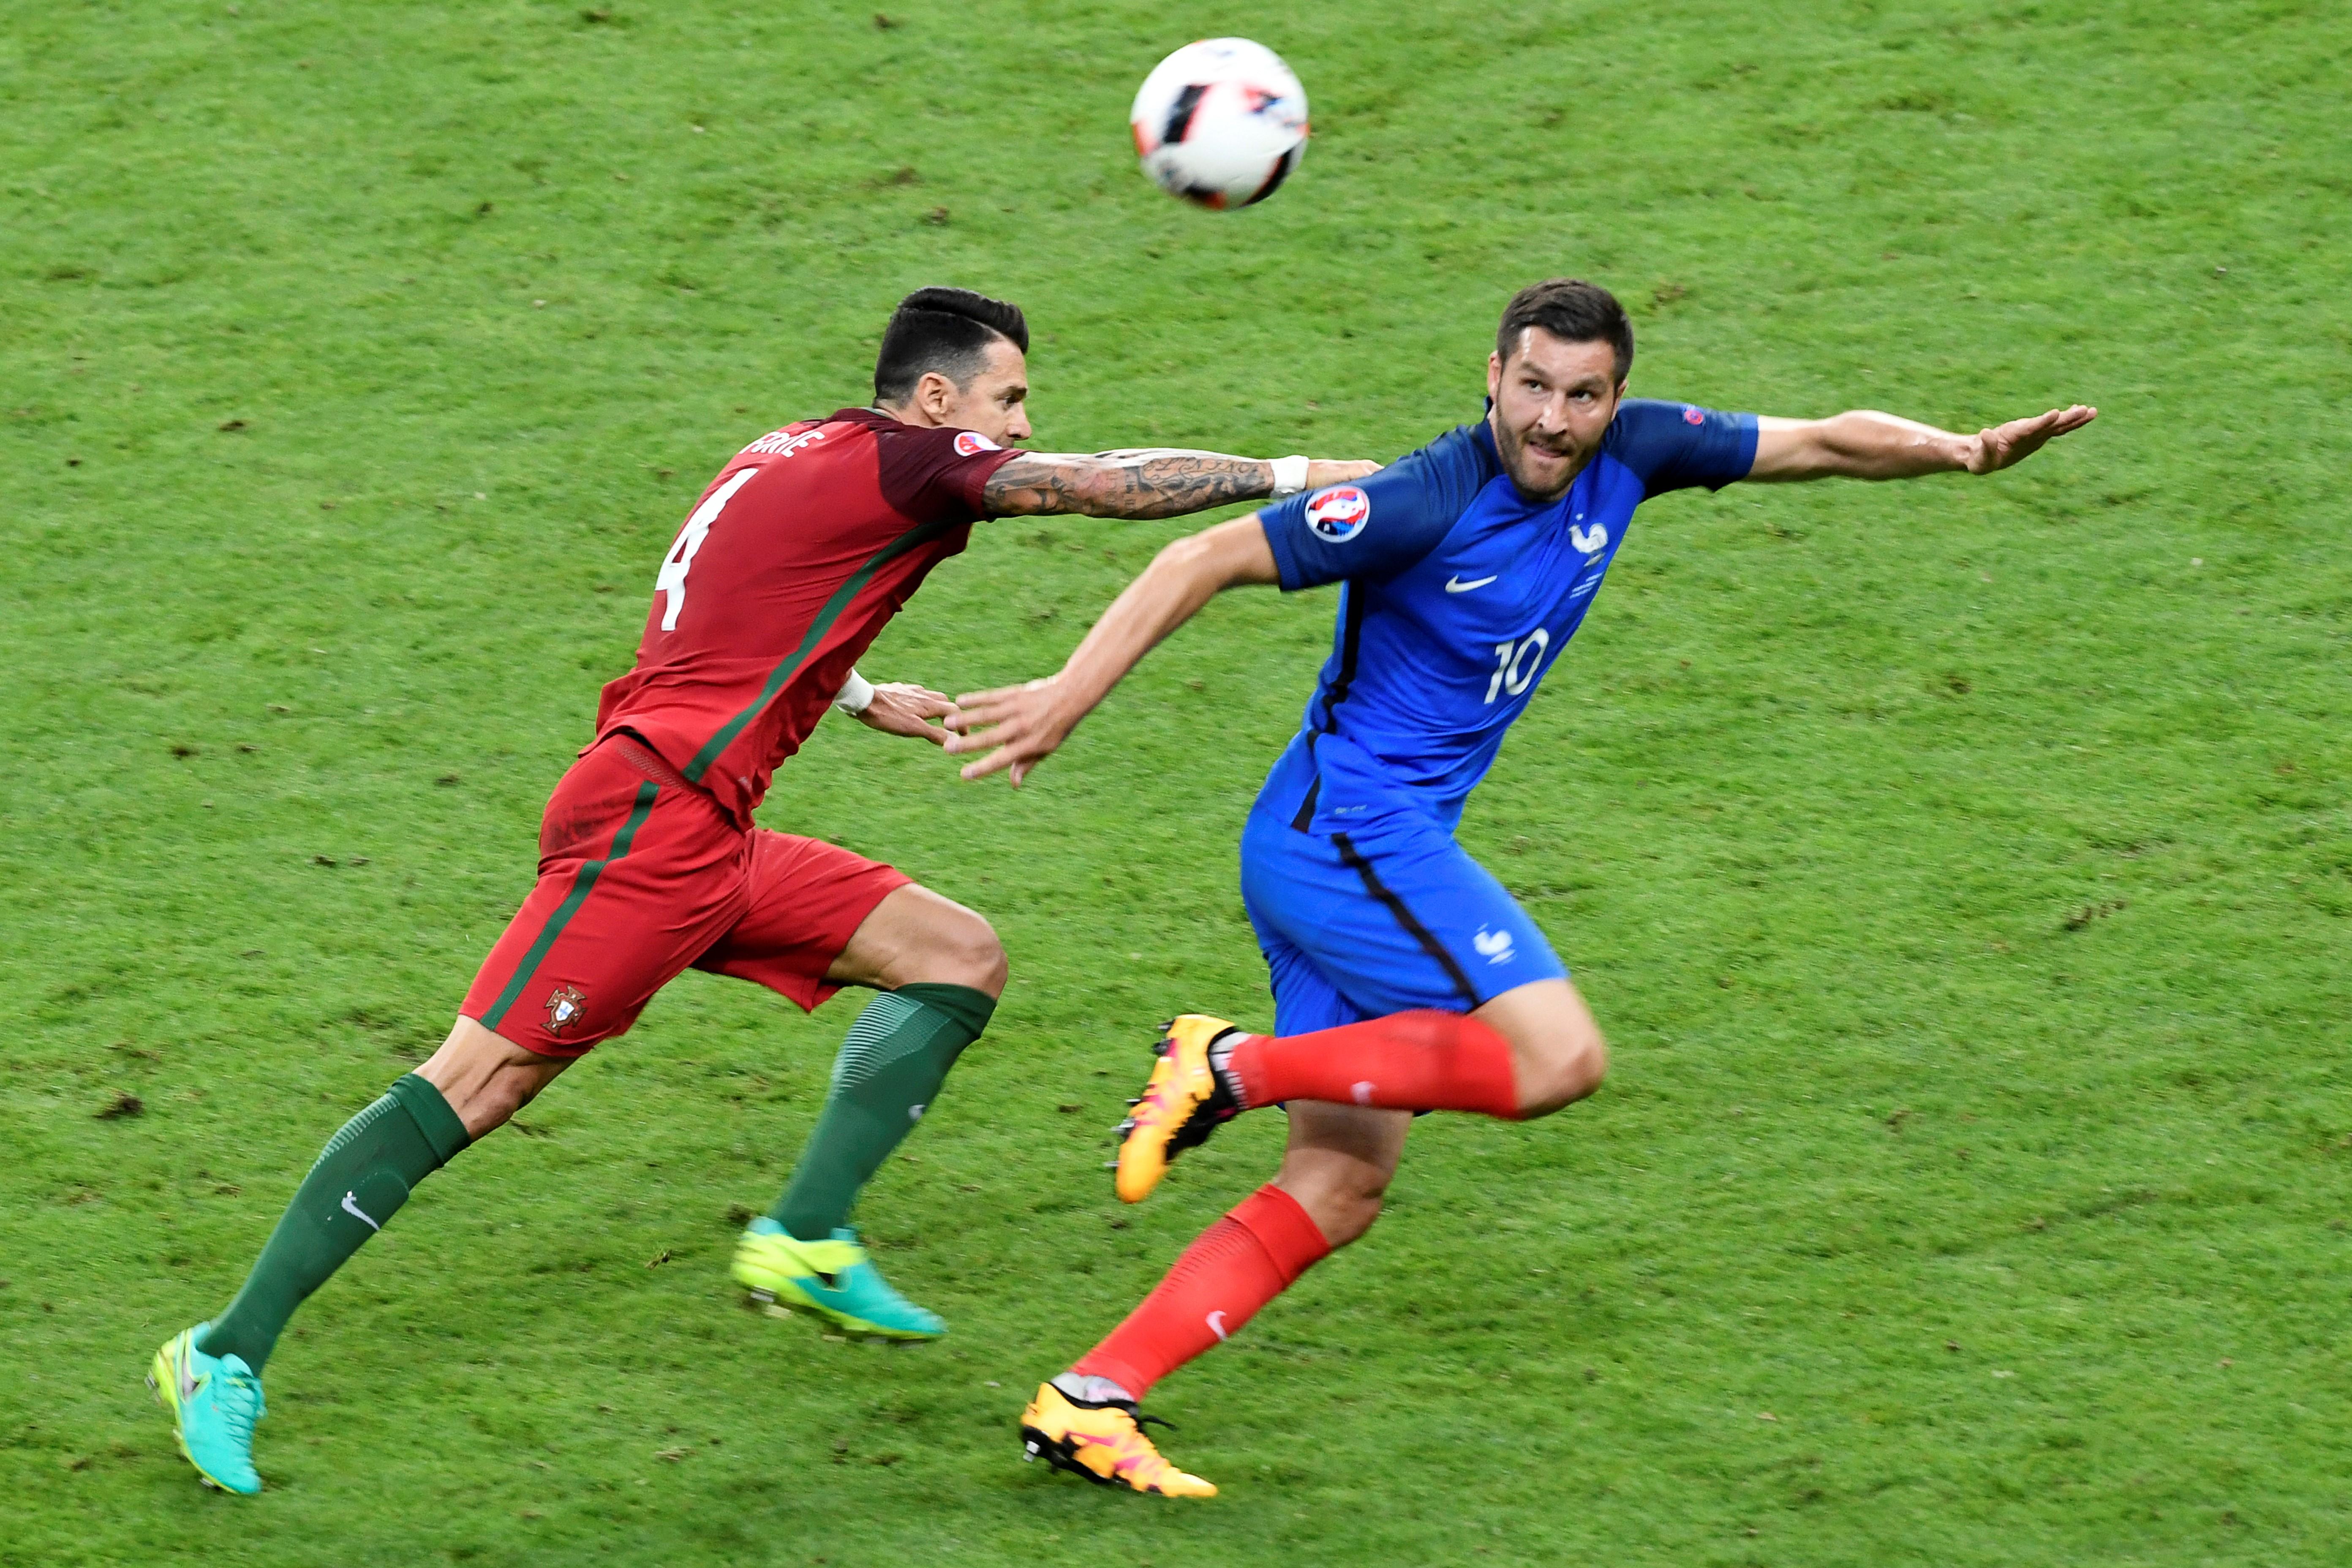 葡萄牙後衛荷西方迪和法國前鋒基格納在比賽中。(MIGUEL MEDINA/AFP)